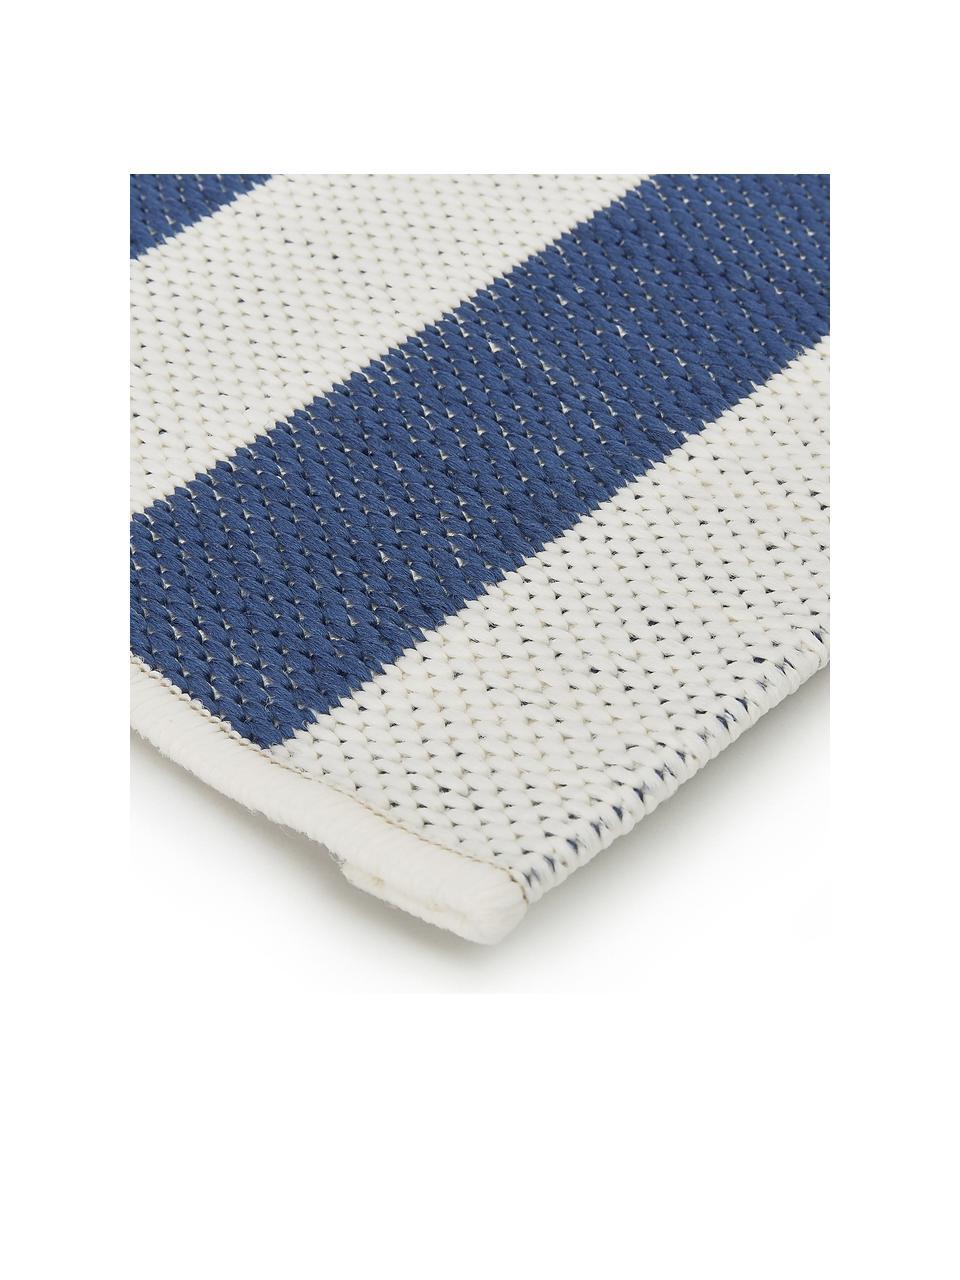 Gestreept in- & outdoor vloerkleed Axa in blauw/wit, 86% polypropyleen, 14% polyester, Crèmewit, blauw, B 200 x L 290 cm (maat L)